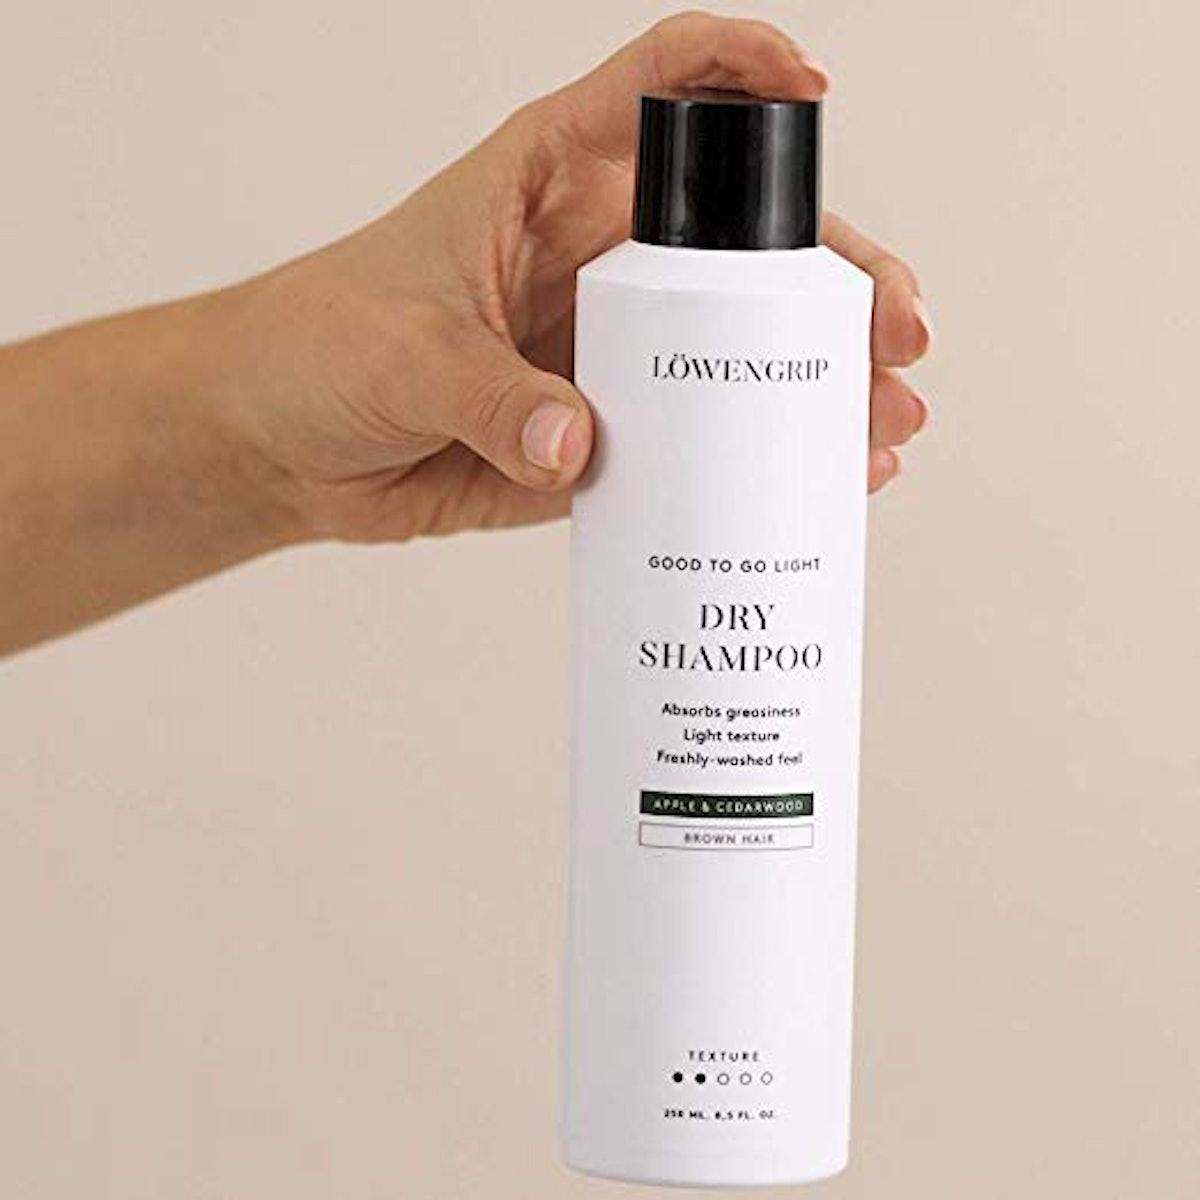 Good To Go Dry Shampoo